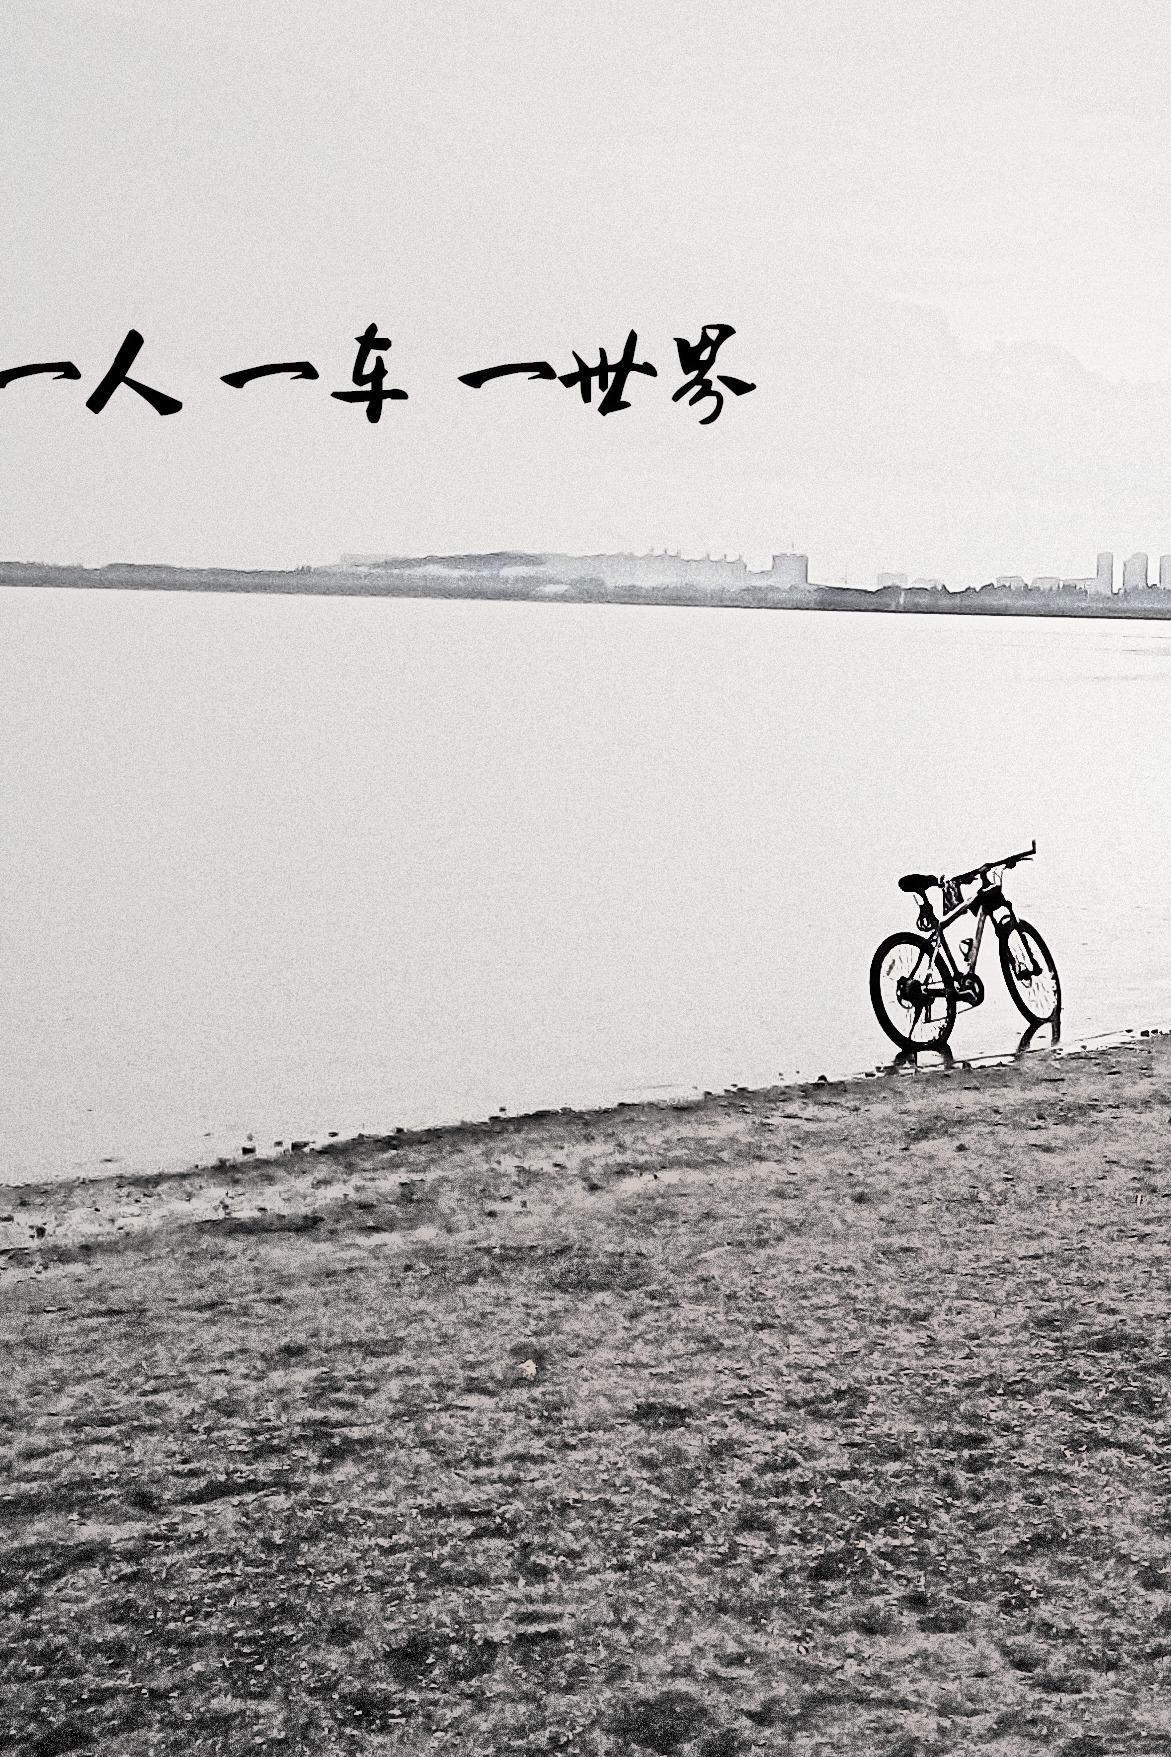 2016年7月24日骑行怀仁人民公园